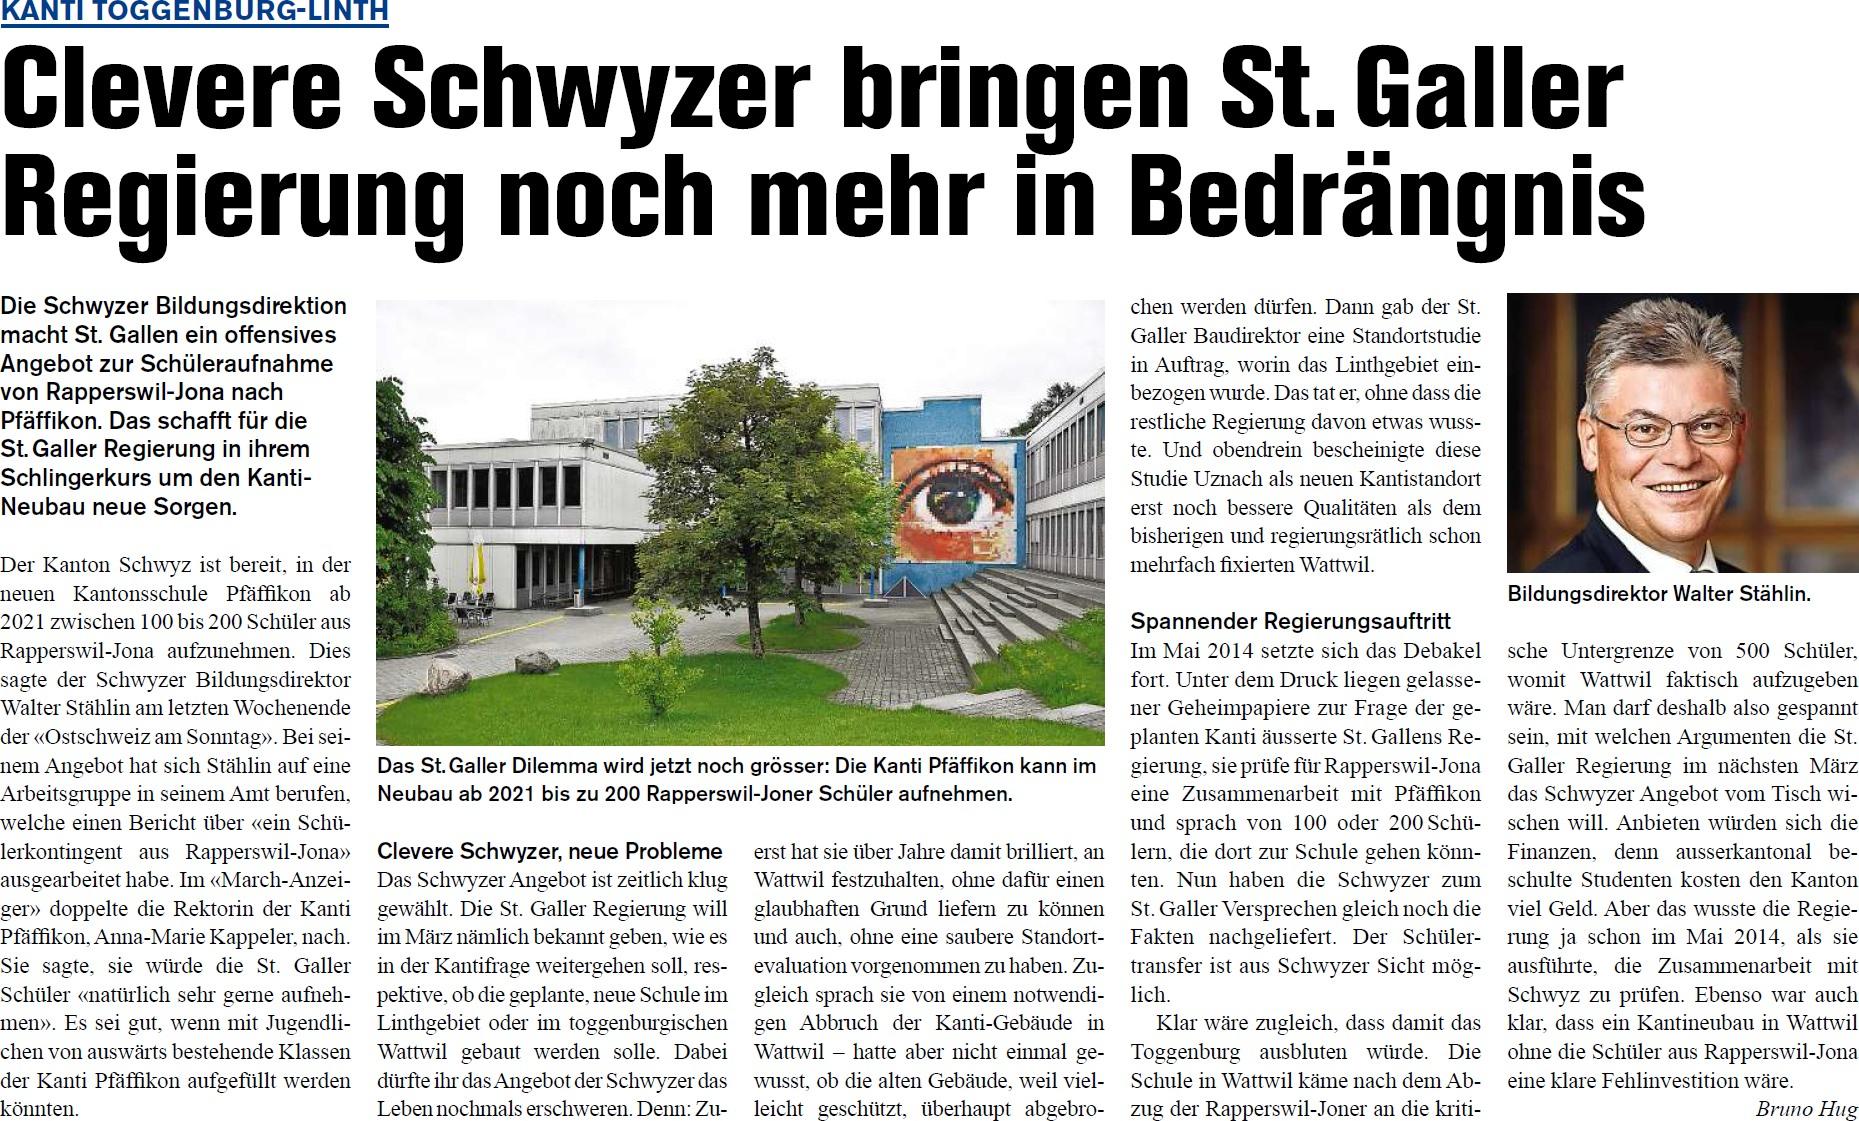 Clevere Schwyzer binger St. Galler Regierung in noch mehr Bedrängnis (Donnerstag, 12.02.2015)